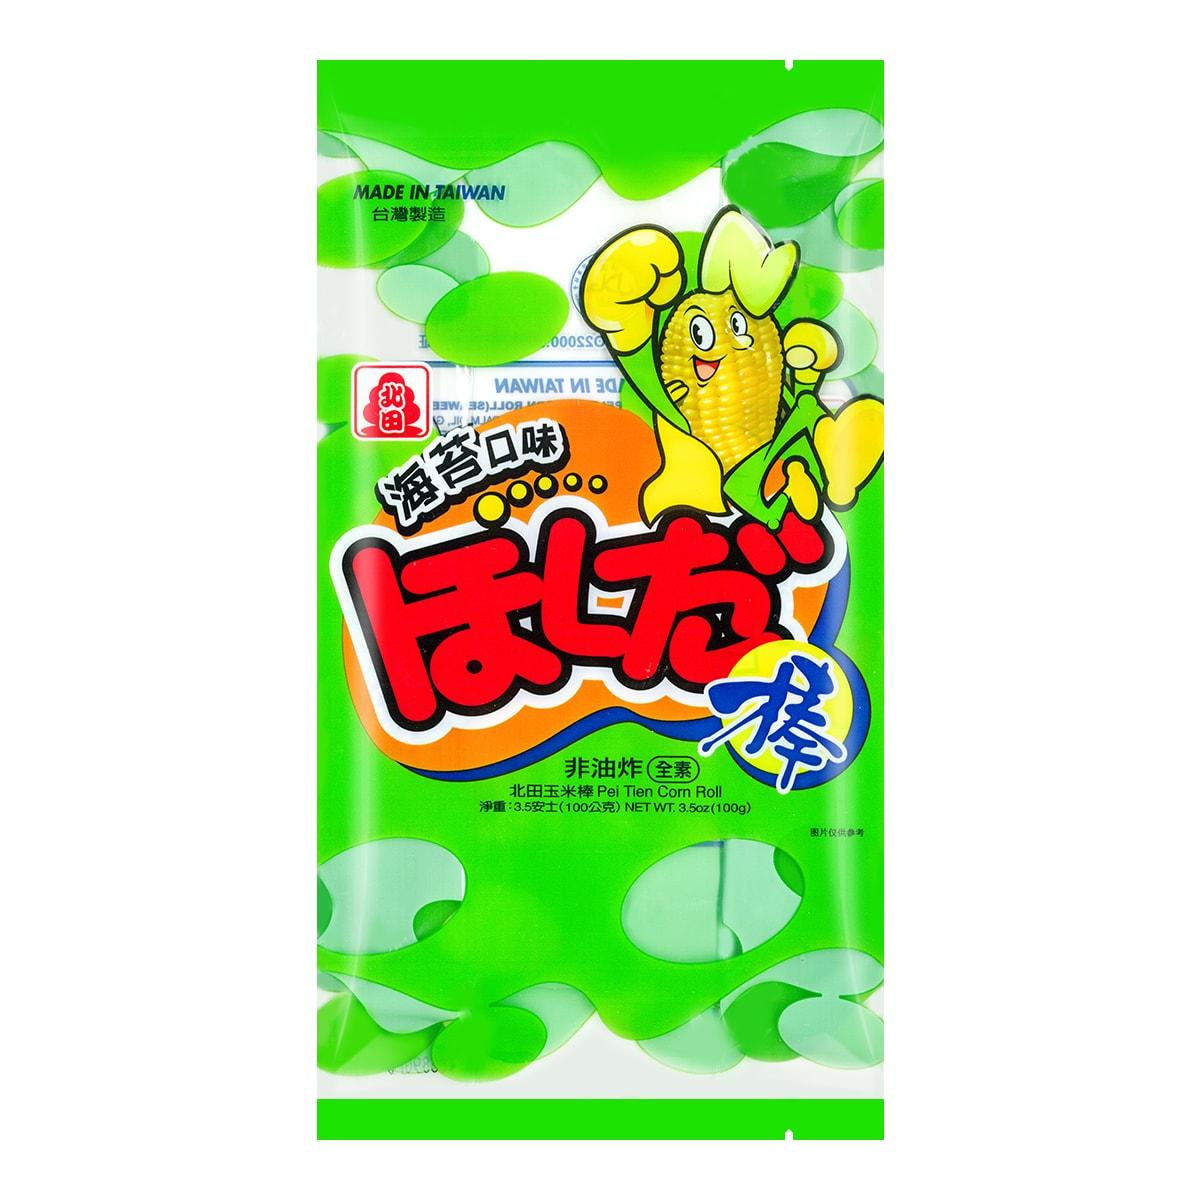 台湾北田玉米棒 海苔味 100g